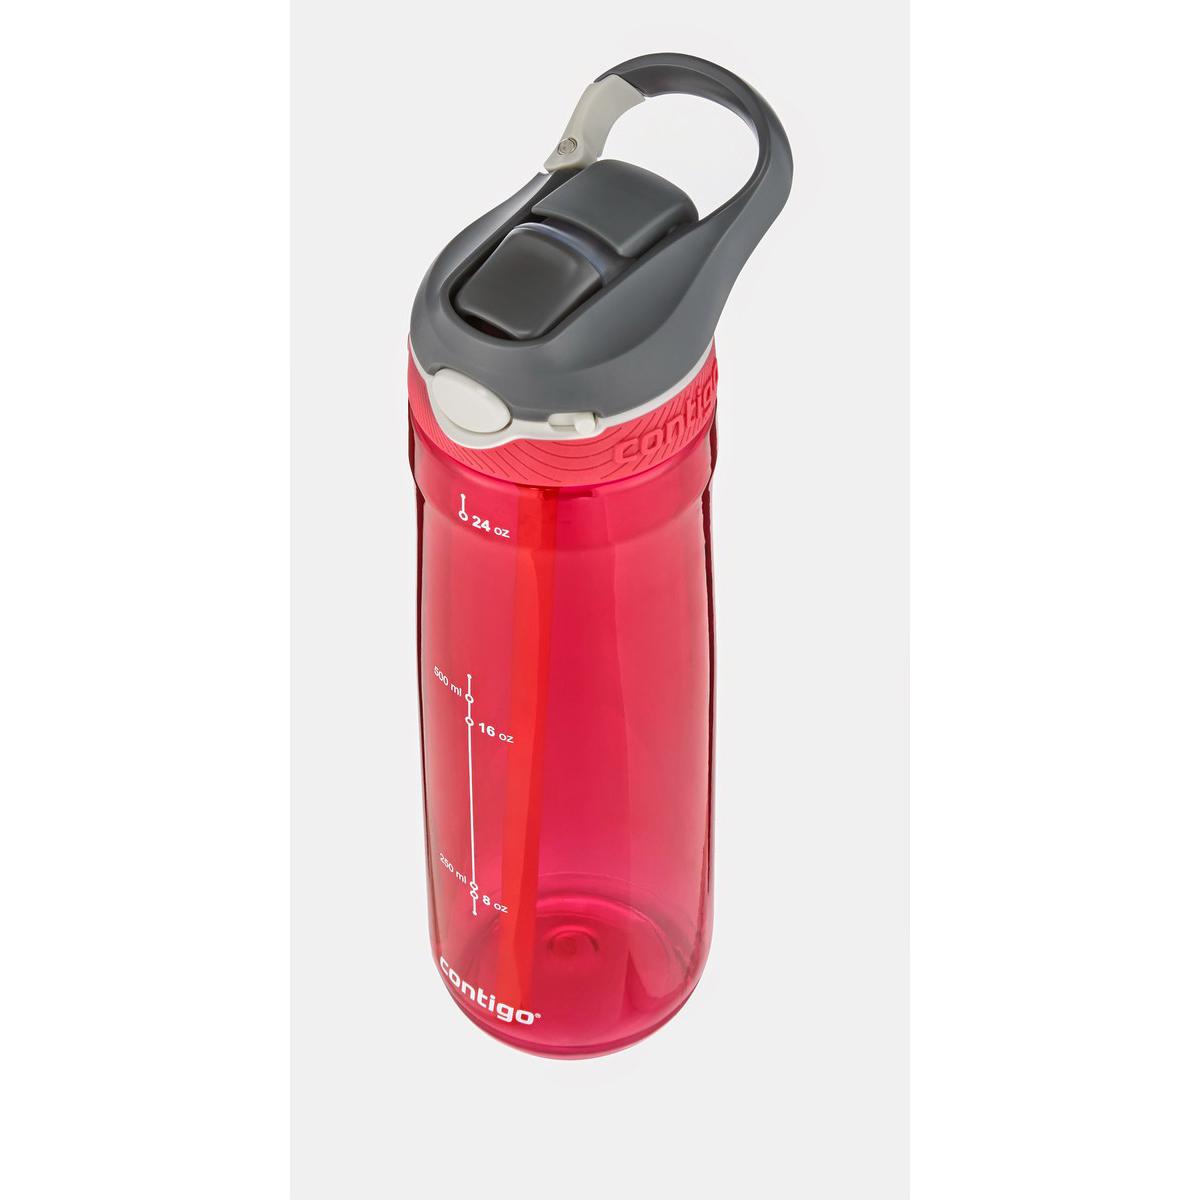 Бутылка для воды Contigo Ashland, цвет: красный, 720 млcontigo0458Бутылка для напитков Contigo Ashland является отличным решением для тех, кто делает осознанный выбор в пользу практичности и комфорта. Благодаря тщательно продуманной форме вы с легкостью сможете положить ее в рюкзак либо сумку. Кроме этого бутылка для воды Contigo Ashland отлично поместится в подстаканник в автомобиле. Горлышко бутылки оснащенное системой Autospout закрывается надежно и герметично. Благодаря этому вы получите полную уверенность в том, что даже при перекидывании бутылки ее содержимое не прольется.Объем 720 мл.